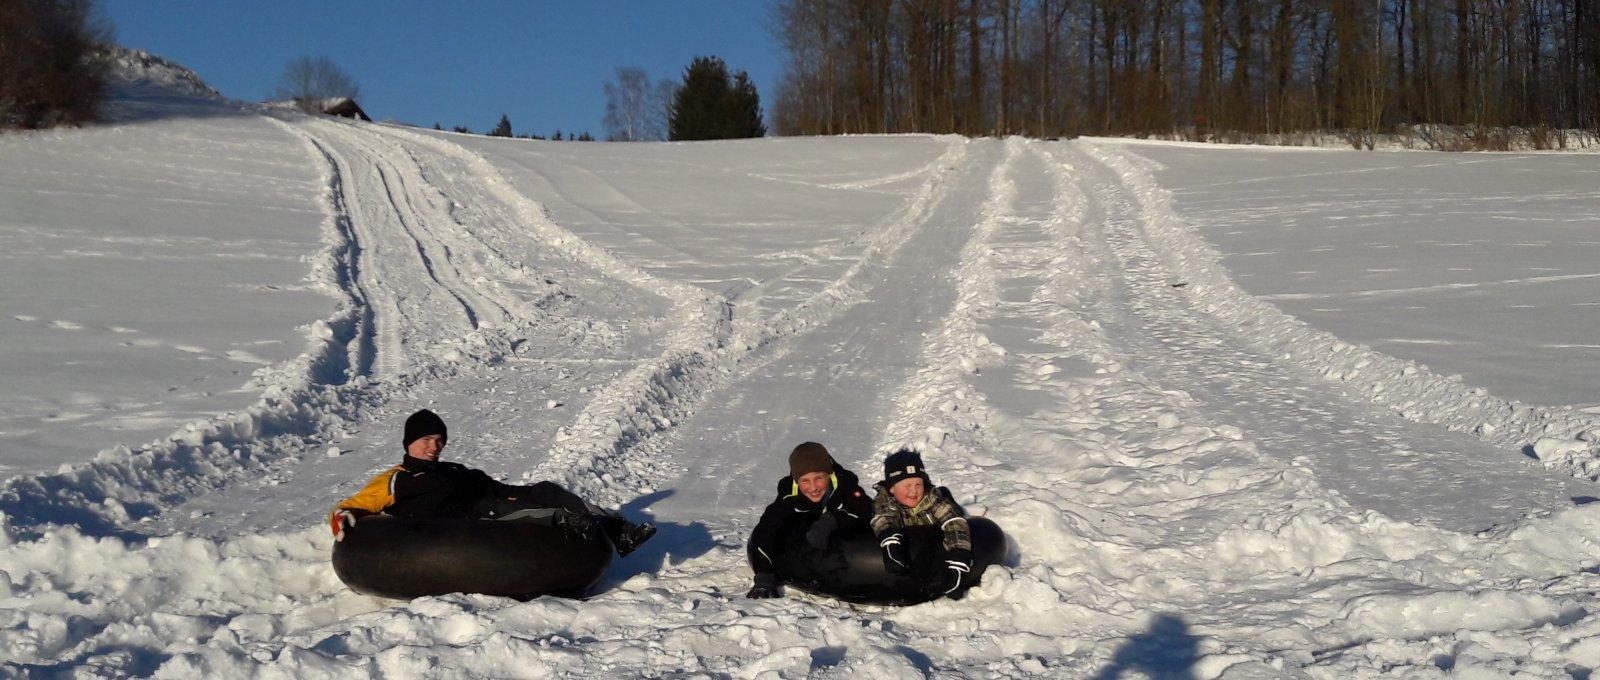 Winterurlaub am Bauernhof Bayerischer Wald für Familien